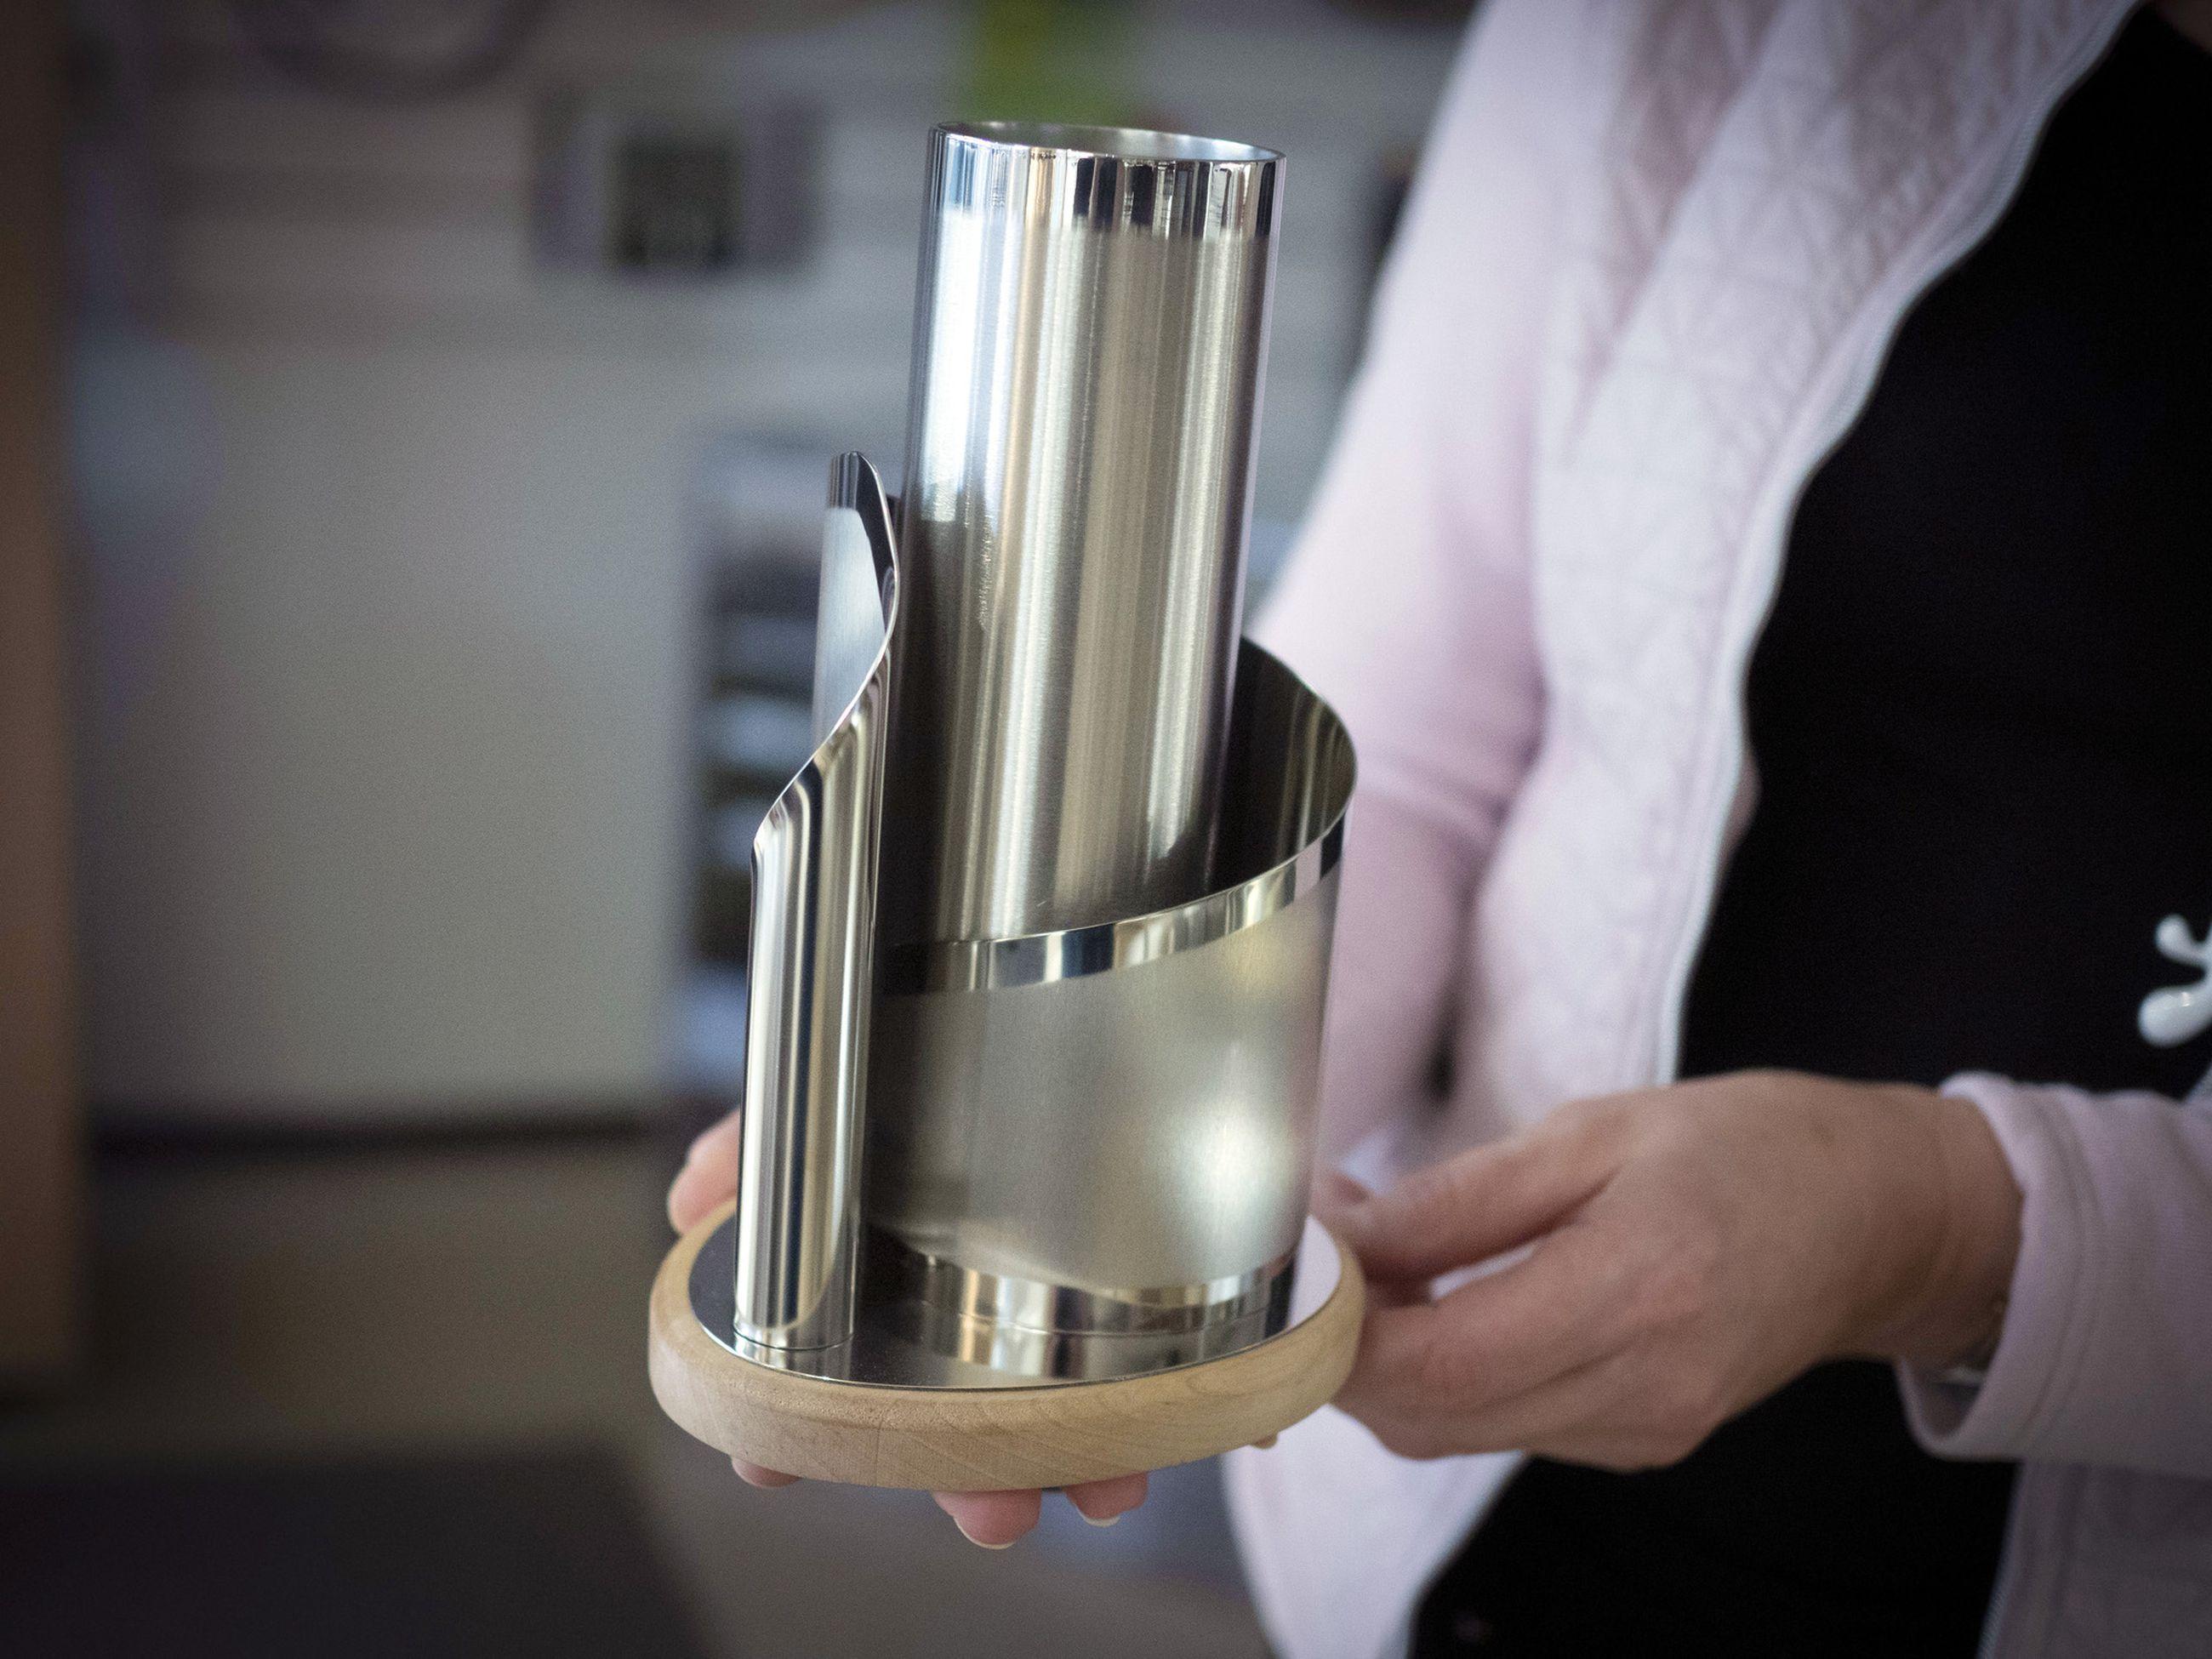 Kultatupa tarjoaa korjauspalveluiden lisäksi laajan valikoiman koruja, kelloja ja lahjatavaroita. Liikkeestä löytyy myös uniikkeja koriste-esineitä, kuten tämä Torniossa valetusta pohjoisen teräksestä työstetty Nikama Designin vaasi.